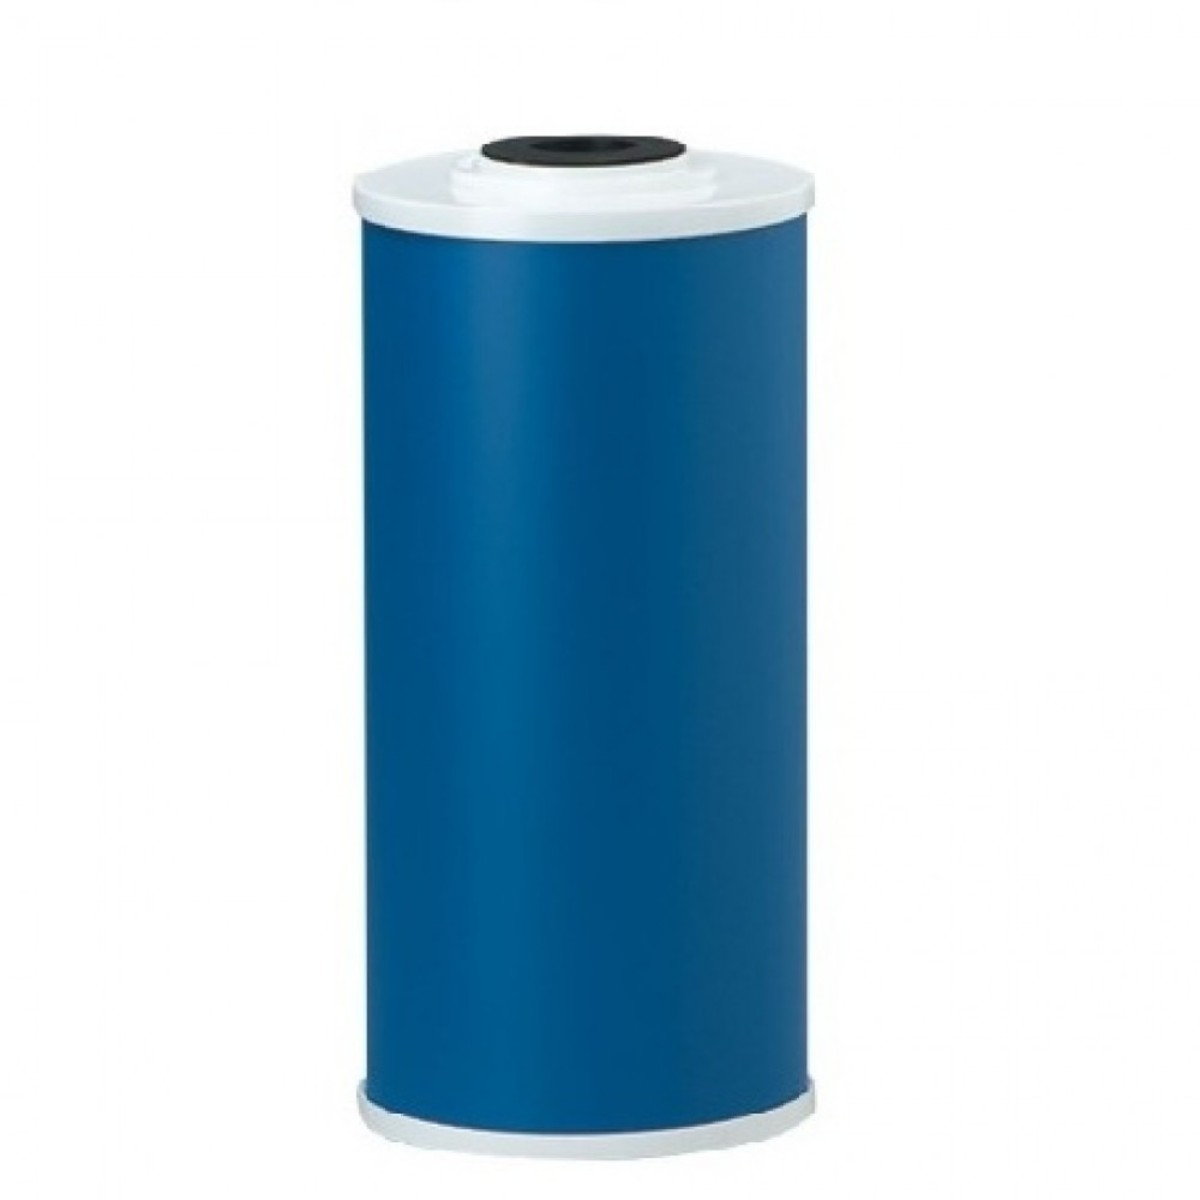 Картридж для умягчения воды Аква Про 10BB